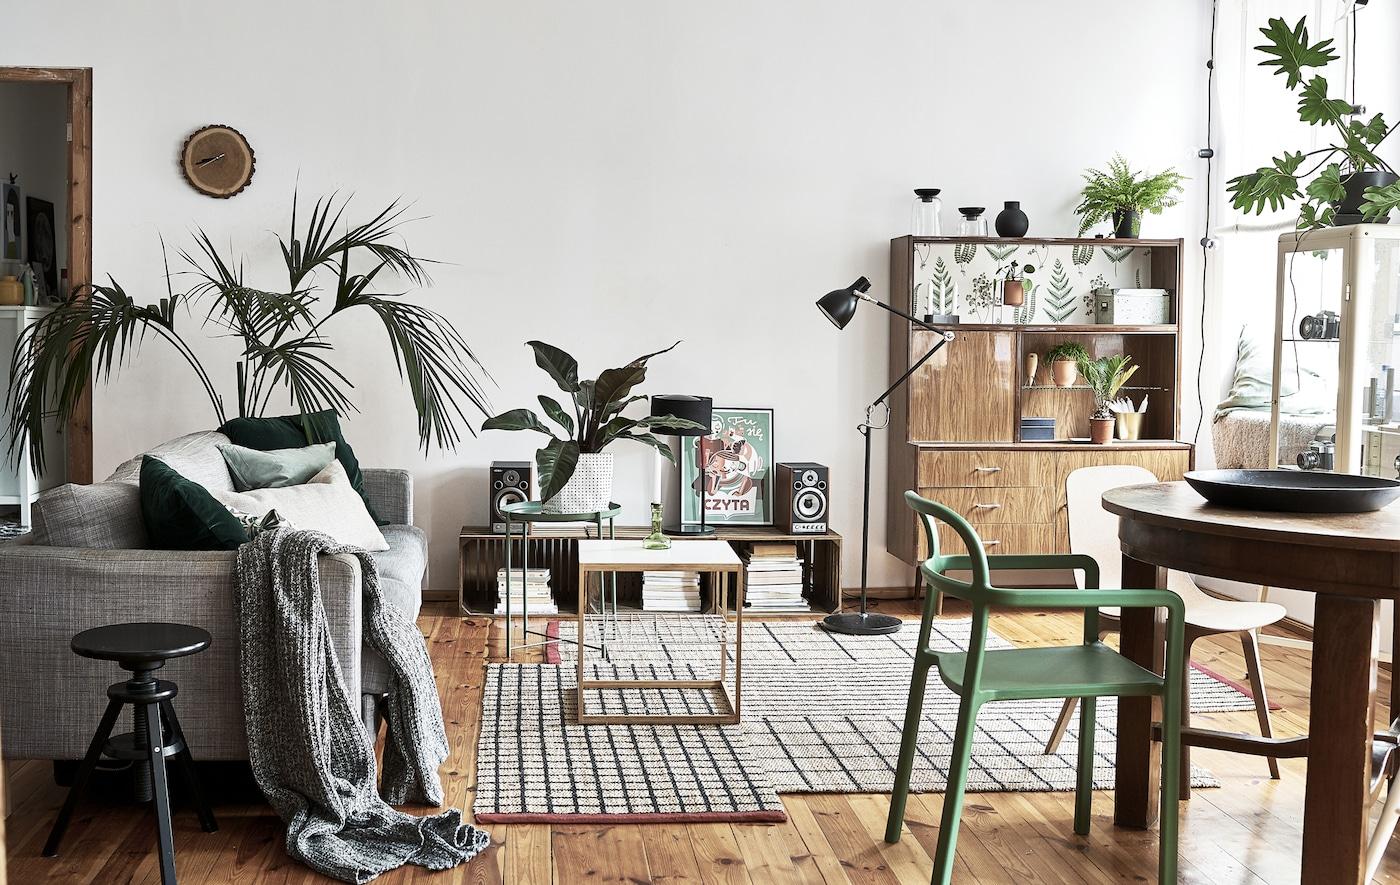 Séjour décloisonné avec table, chaises, plantes, un canapé et des buffets.